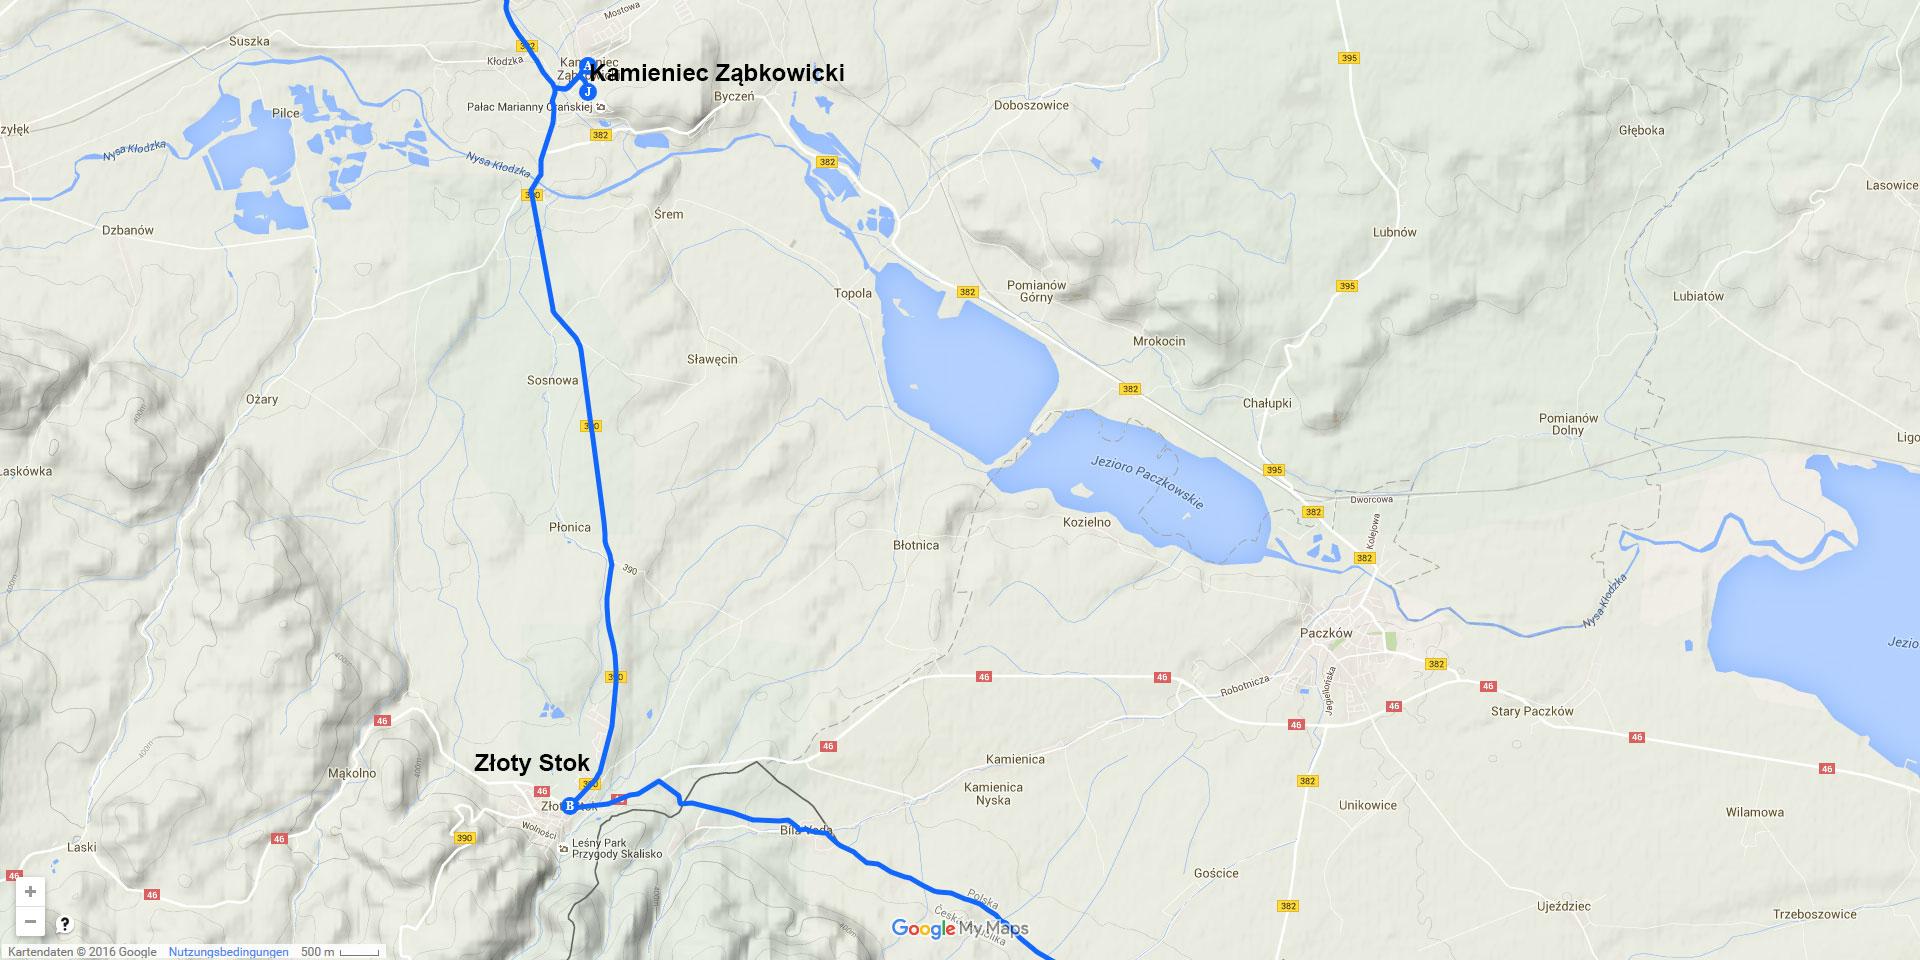 Die Tagesstrecke von Kamieniec Ząbkowicki nach Złoty Stok (12 km)